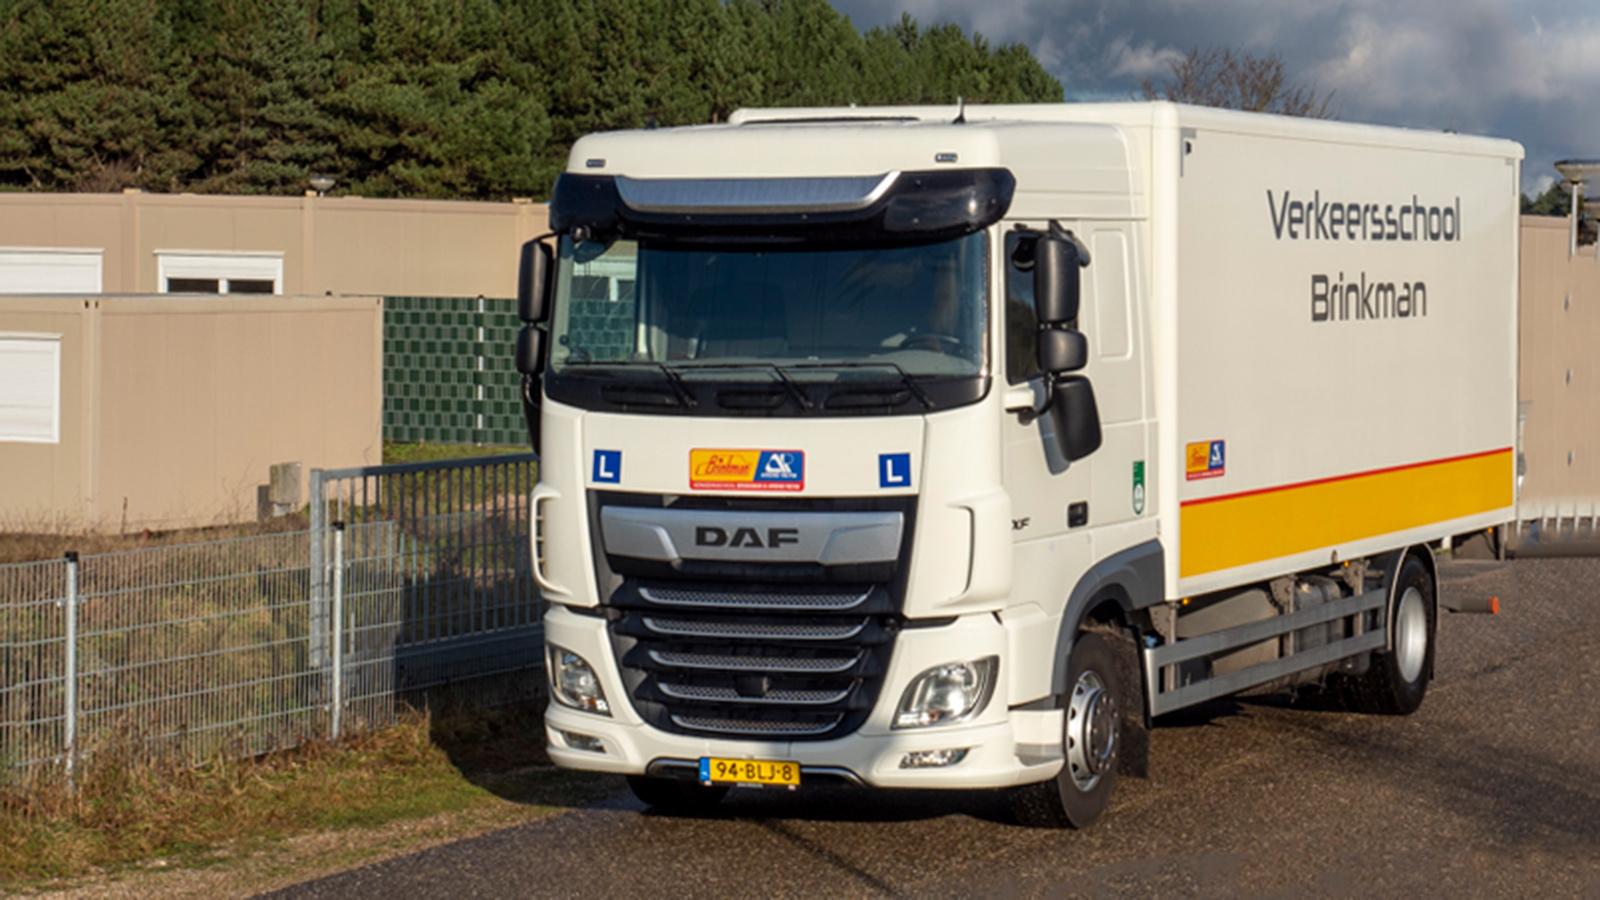 Verkeersschool Brinkman vrachtauto